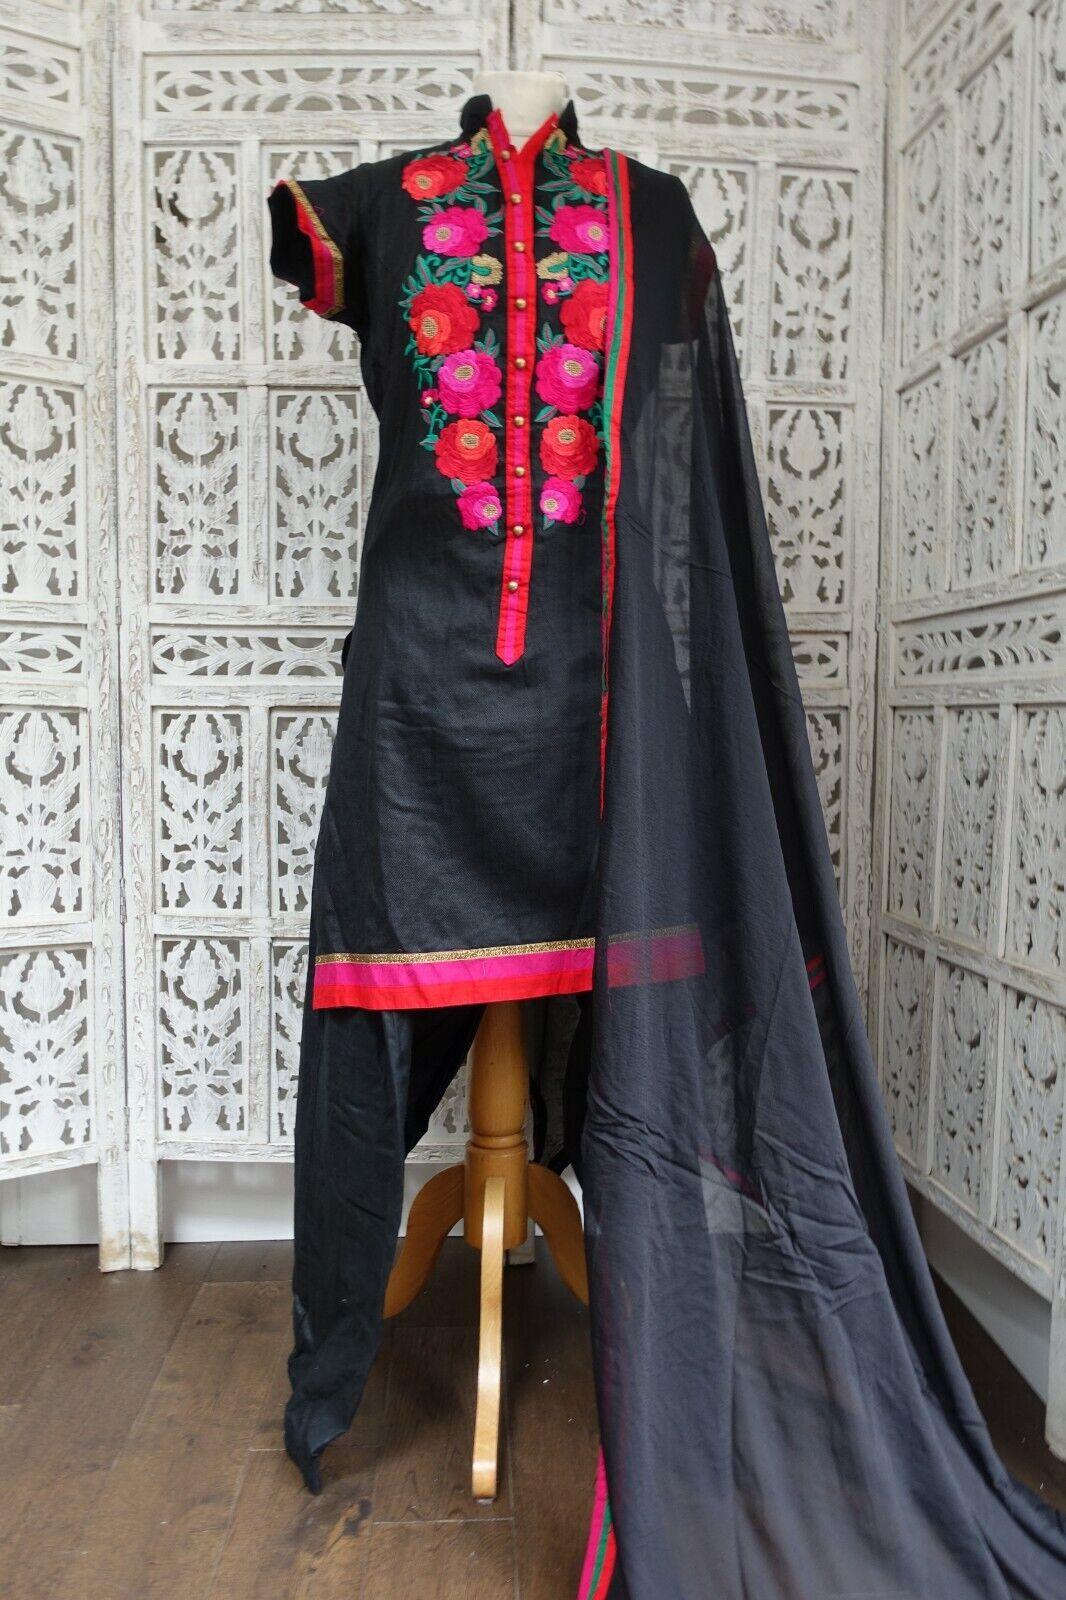 Black floral Indian salwar kameez UK Size 14 / EU 40 – preloved - SKU16583